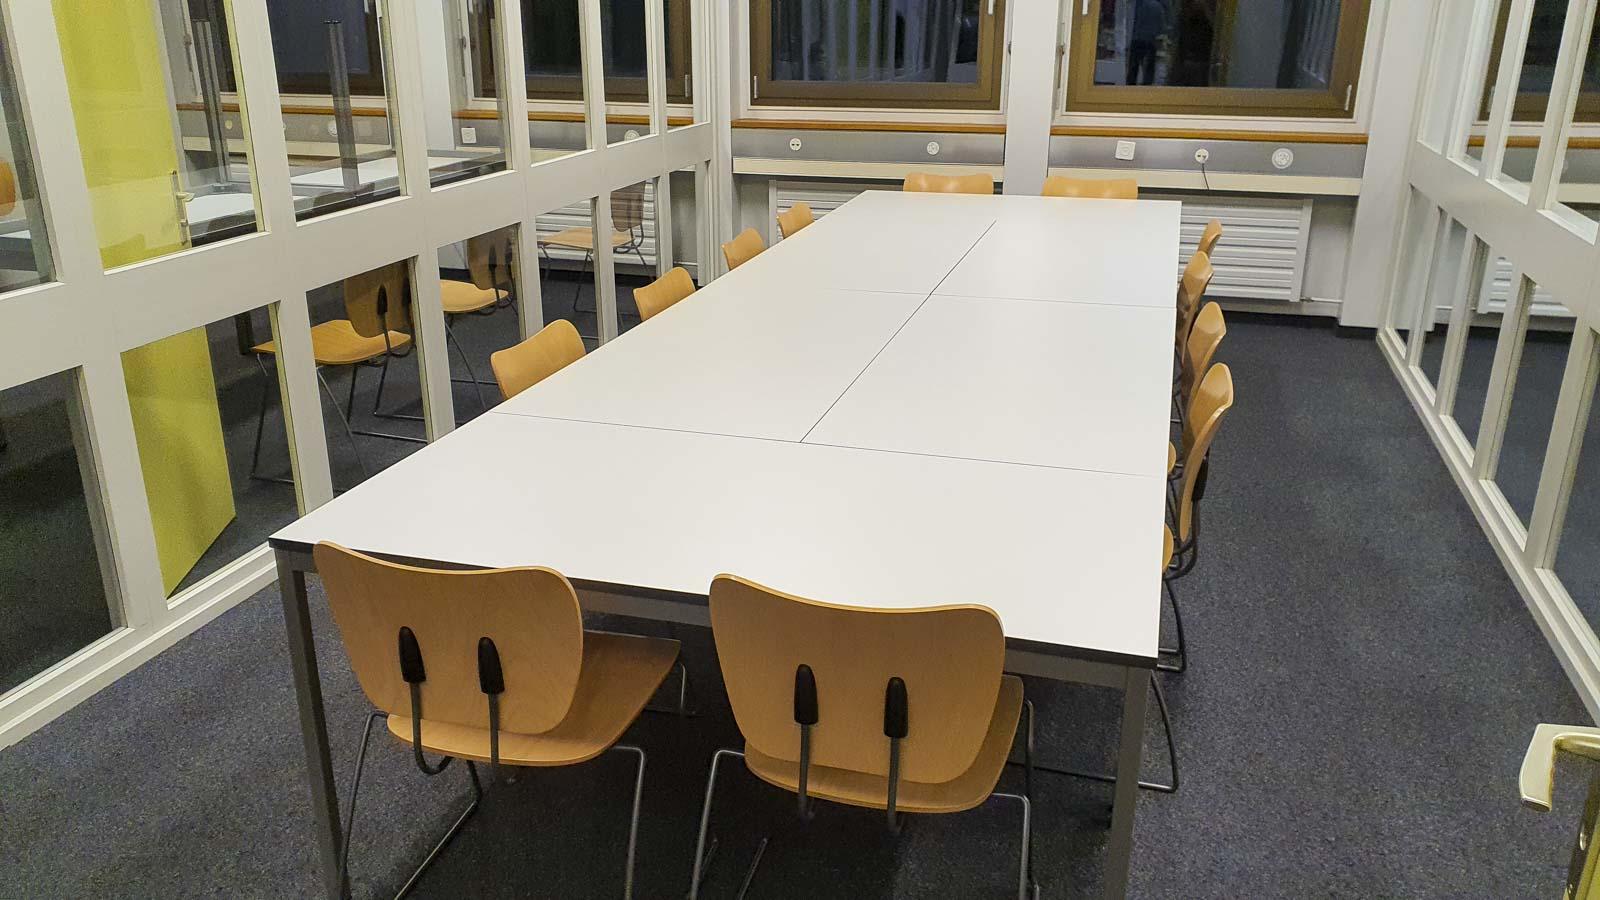 Wooddesign_öffentliche Bauten_Uni Freiburg_Möbel_Arbeitstische_Bibliothek_Pult_Tische.jpg (2)